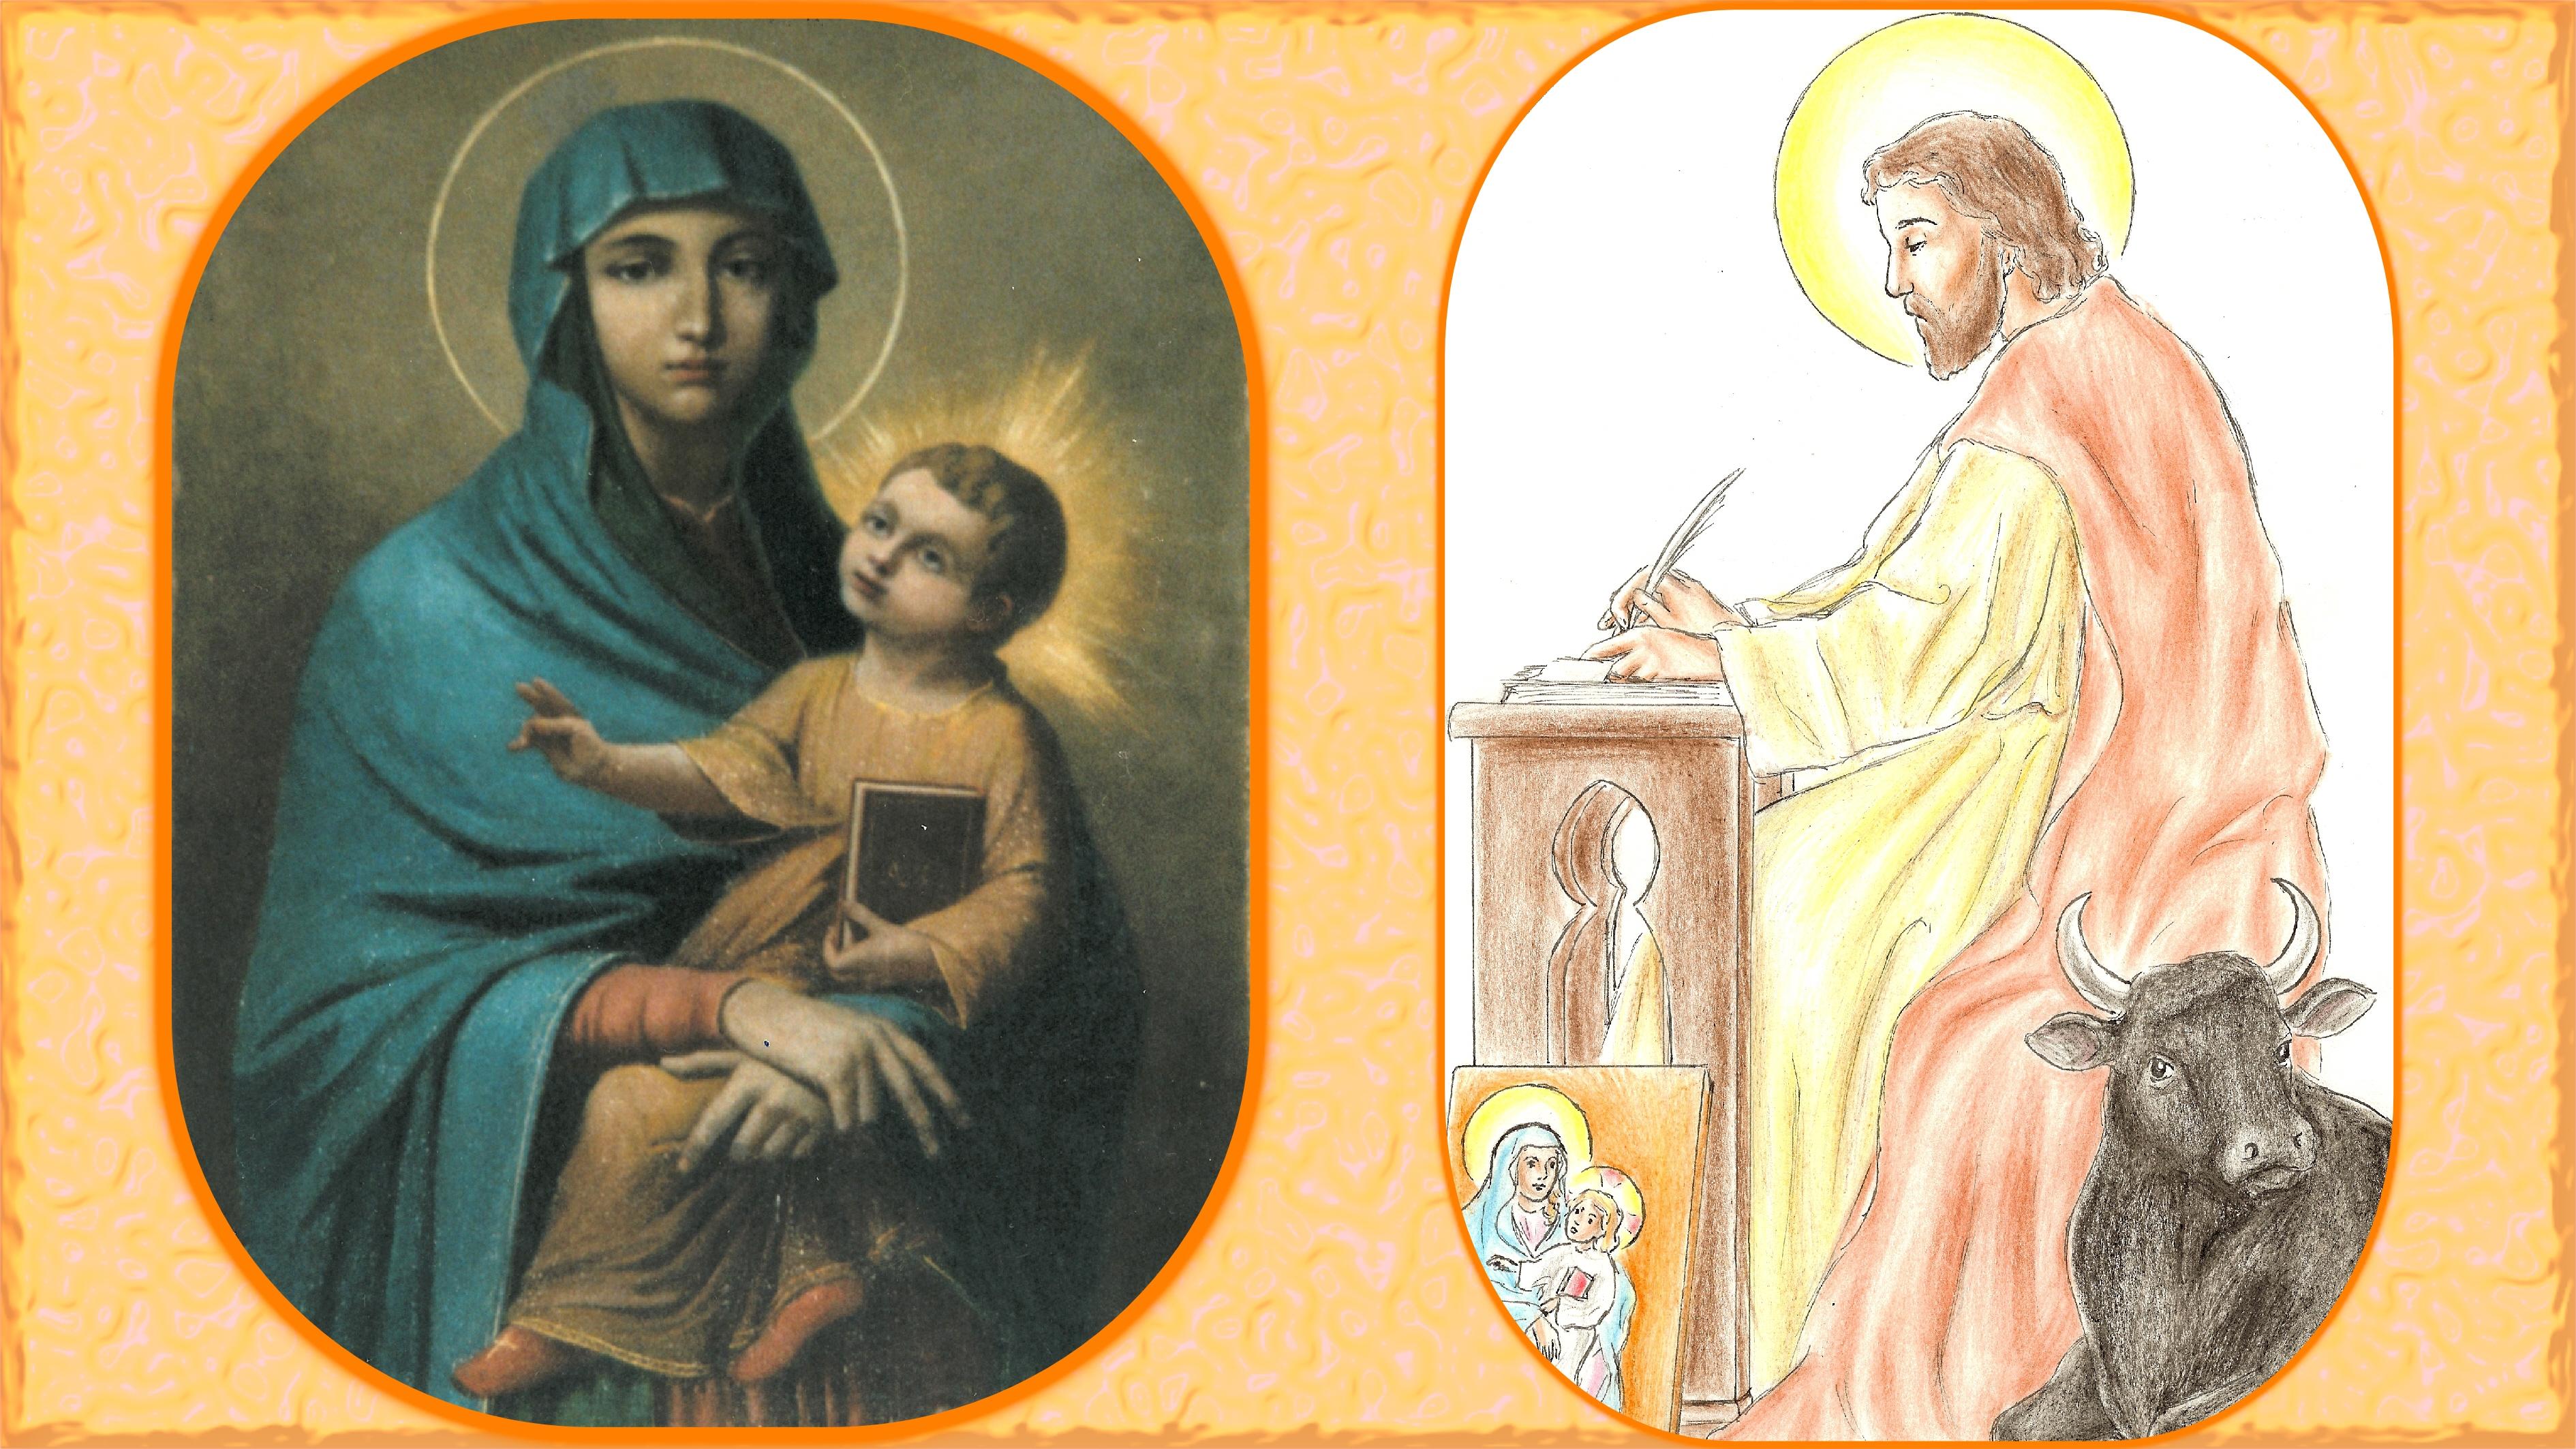 CALENDRIER CATHOLIQUE 2019 (Cantiques, Prières & Images) - Page 5 St-luc-sa-madone-...jeure-2--567007f